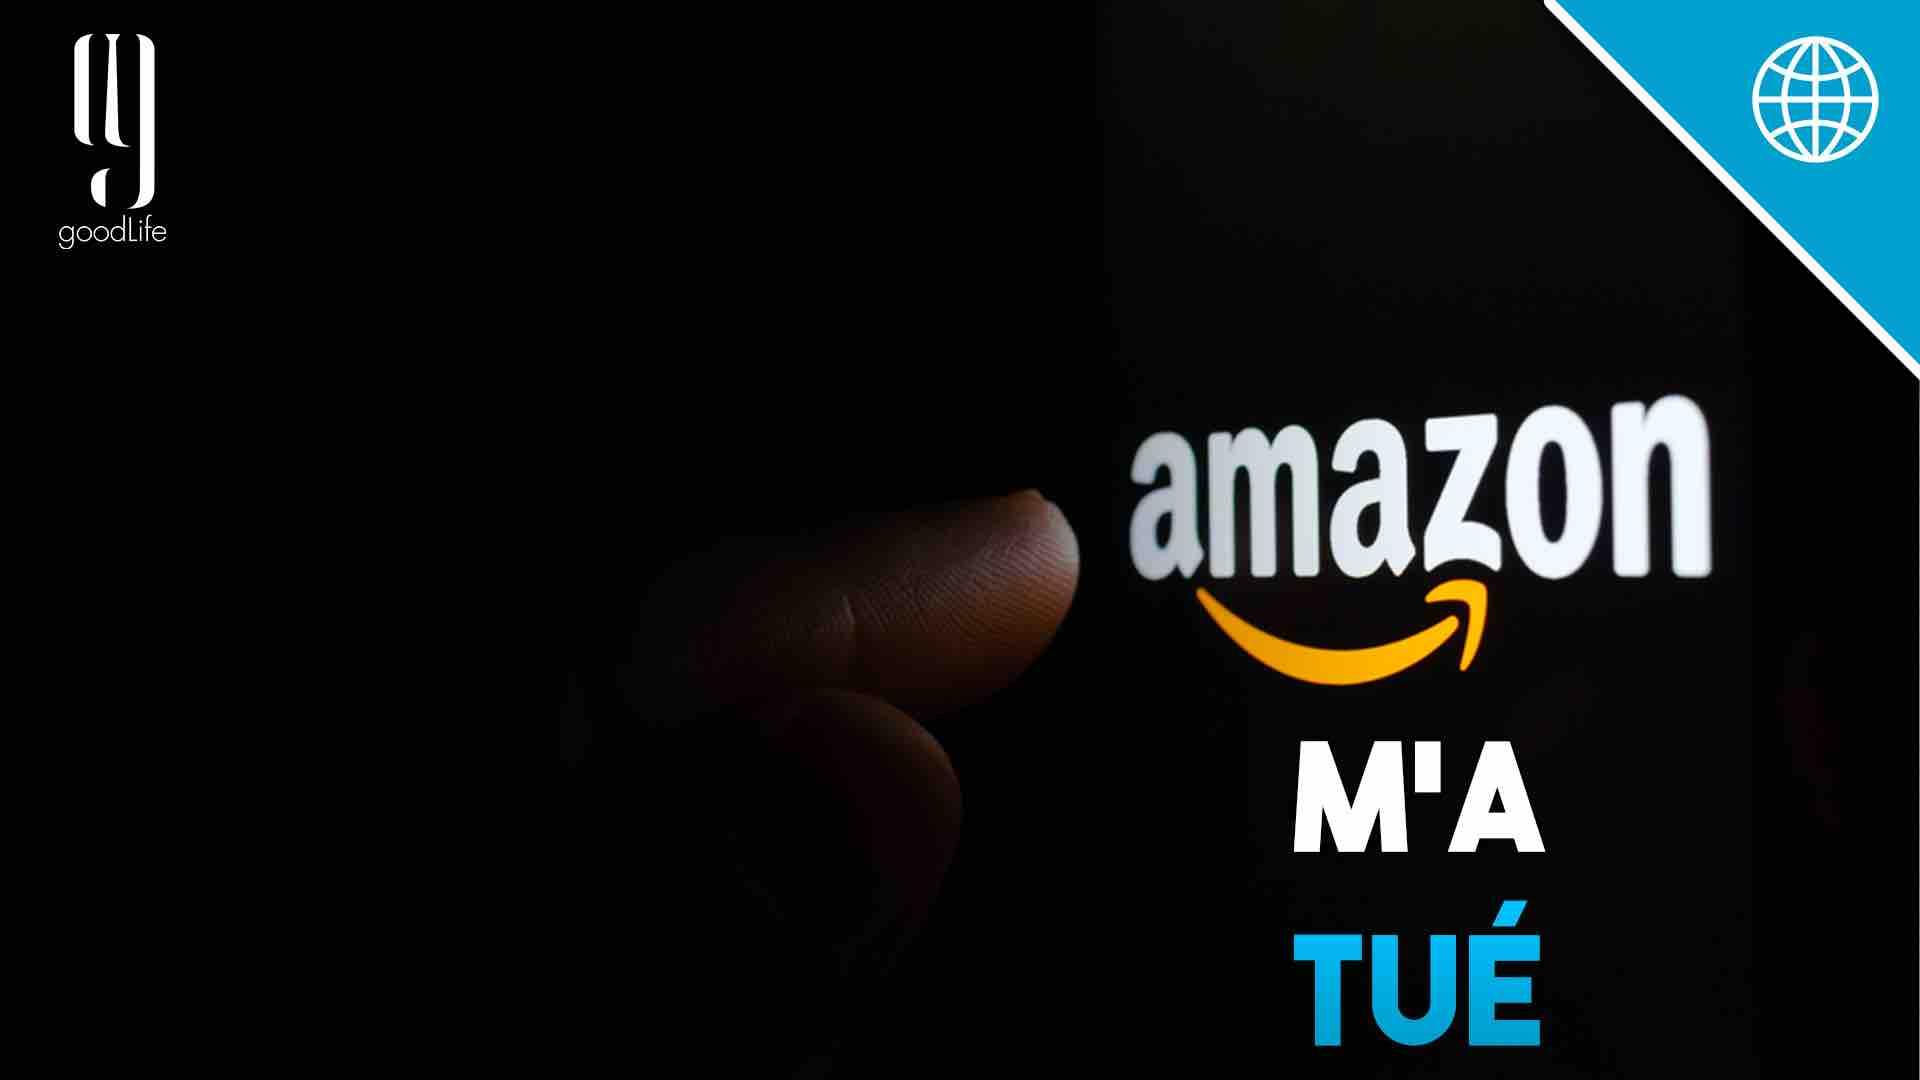 Amazon tue emploi chomage